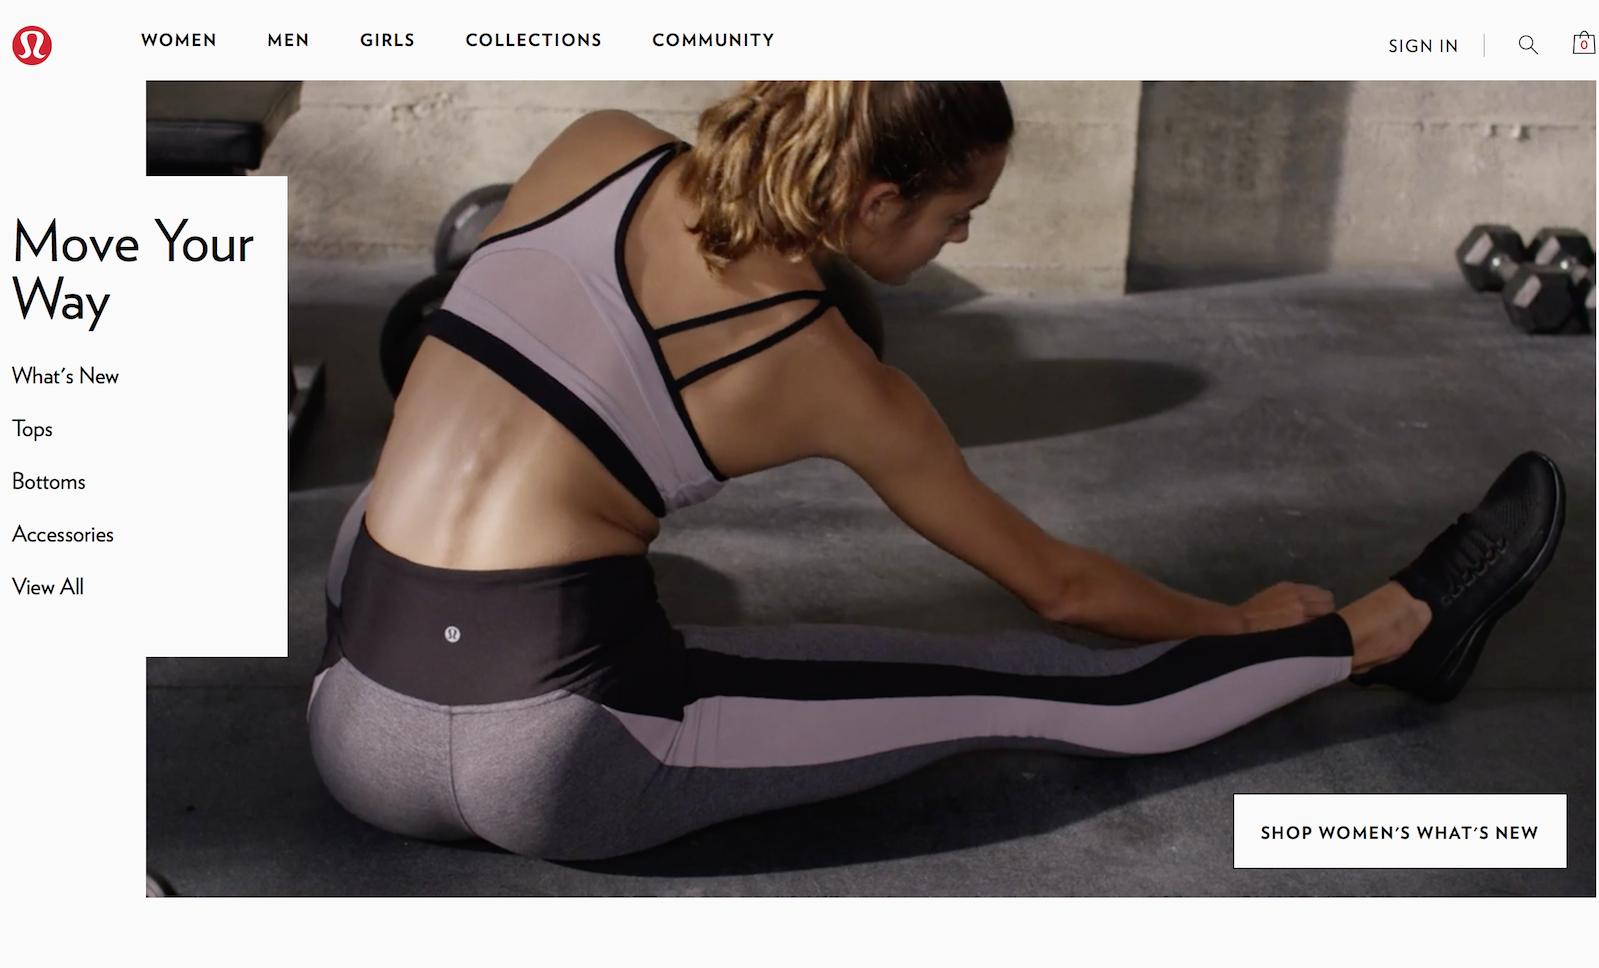 """Lululemon 年销售额突破30亿美元大关:线上渠道和中国市场表现""""极佳"""",将拓展更广泛的女装品类"""